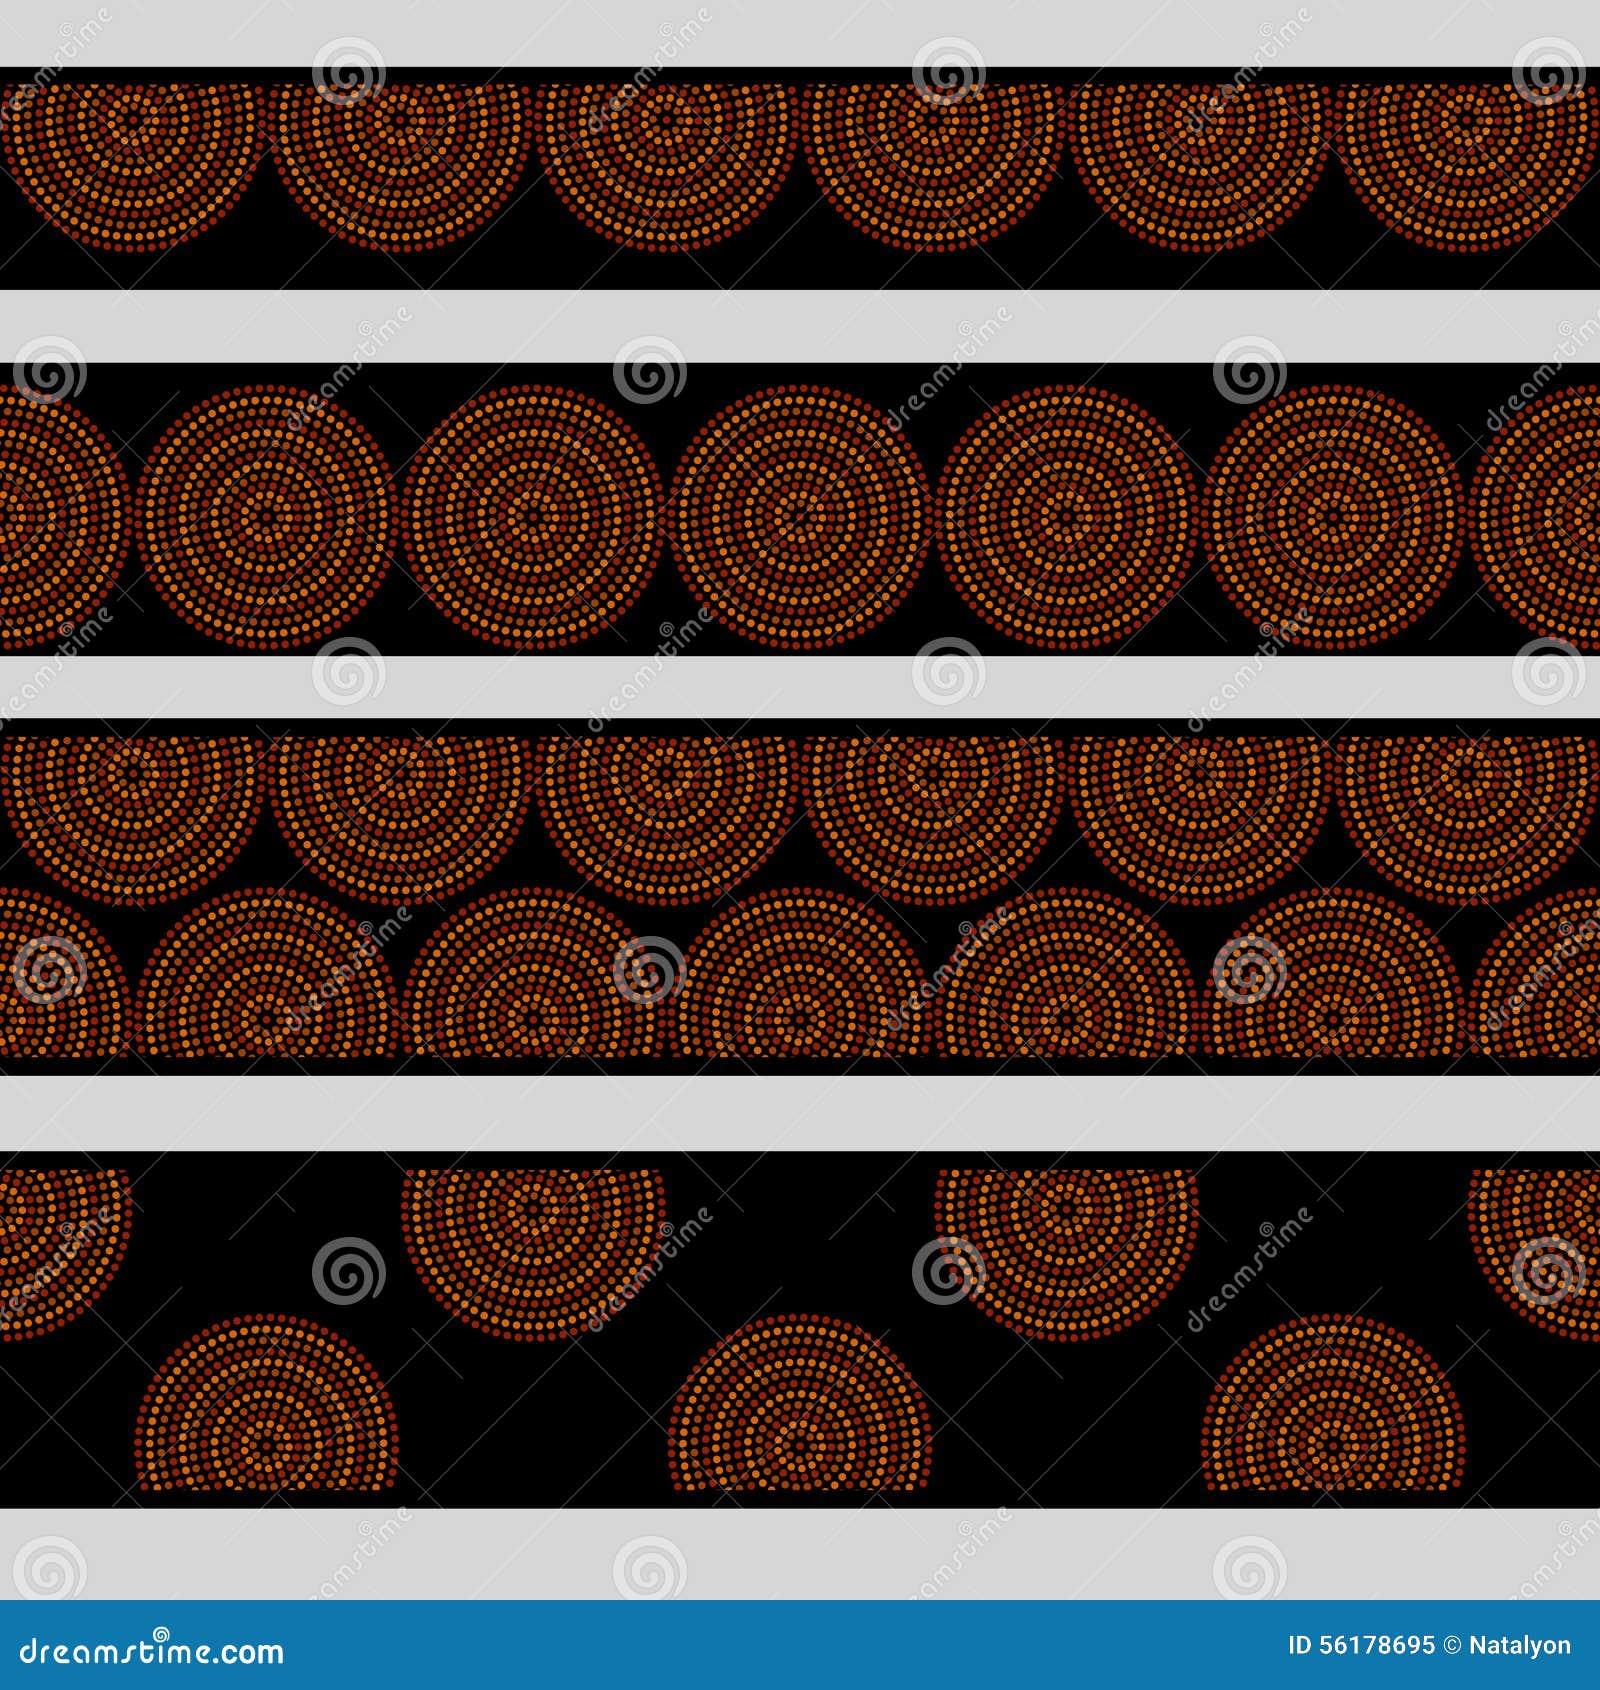 Los círculos concéntricos del arte geométrico aborigen australiano en fronteras inconsútiles marrones y negras anaranjadas fijan,